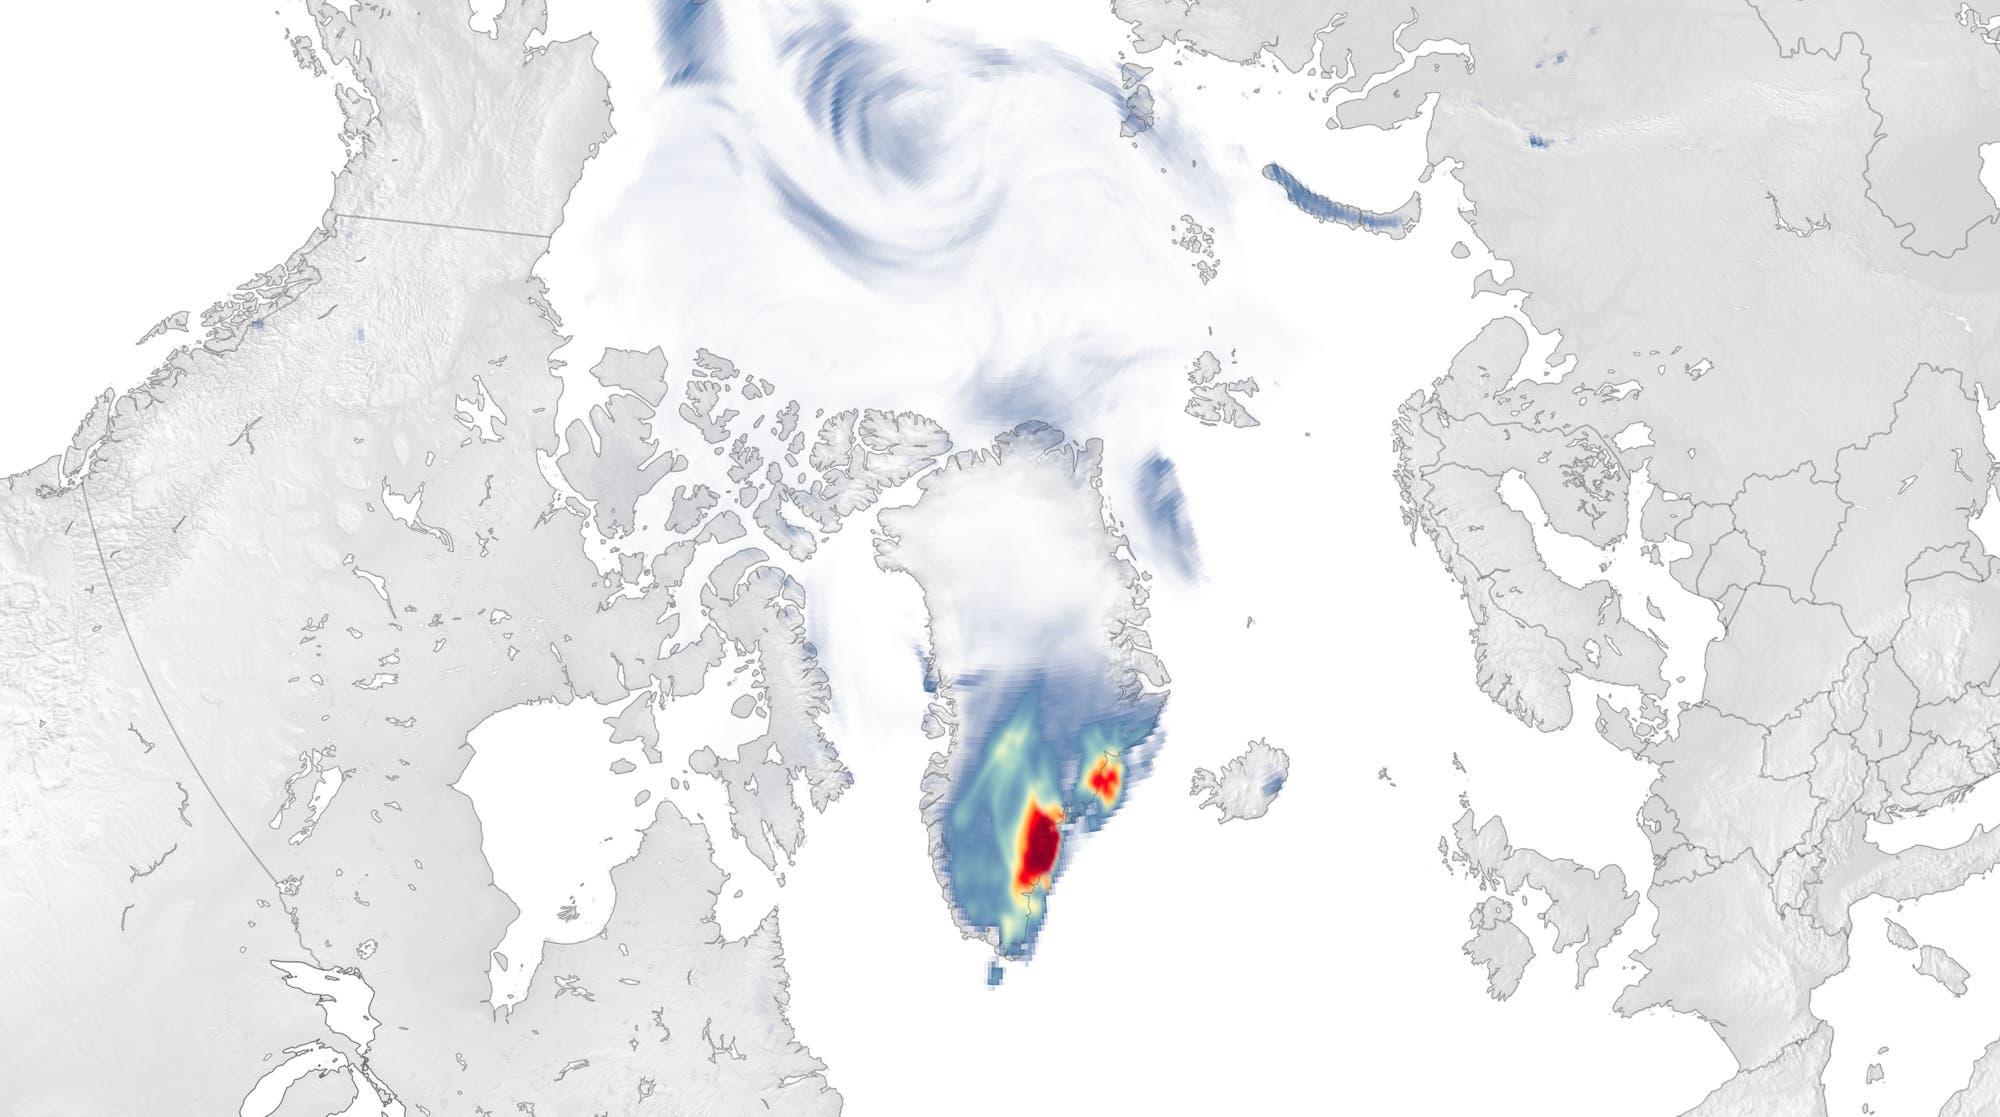 Der ehemalige Wirbelsturm »Larry« brachte Schneemassen in den Südosten Grönlands. Je intensiver rot, desto mehr Schnee fiel auf das Inlandeis, das im Sommer 2021 wieder stark gelitten hatte.